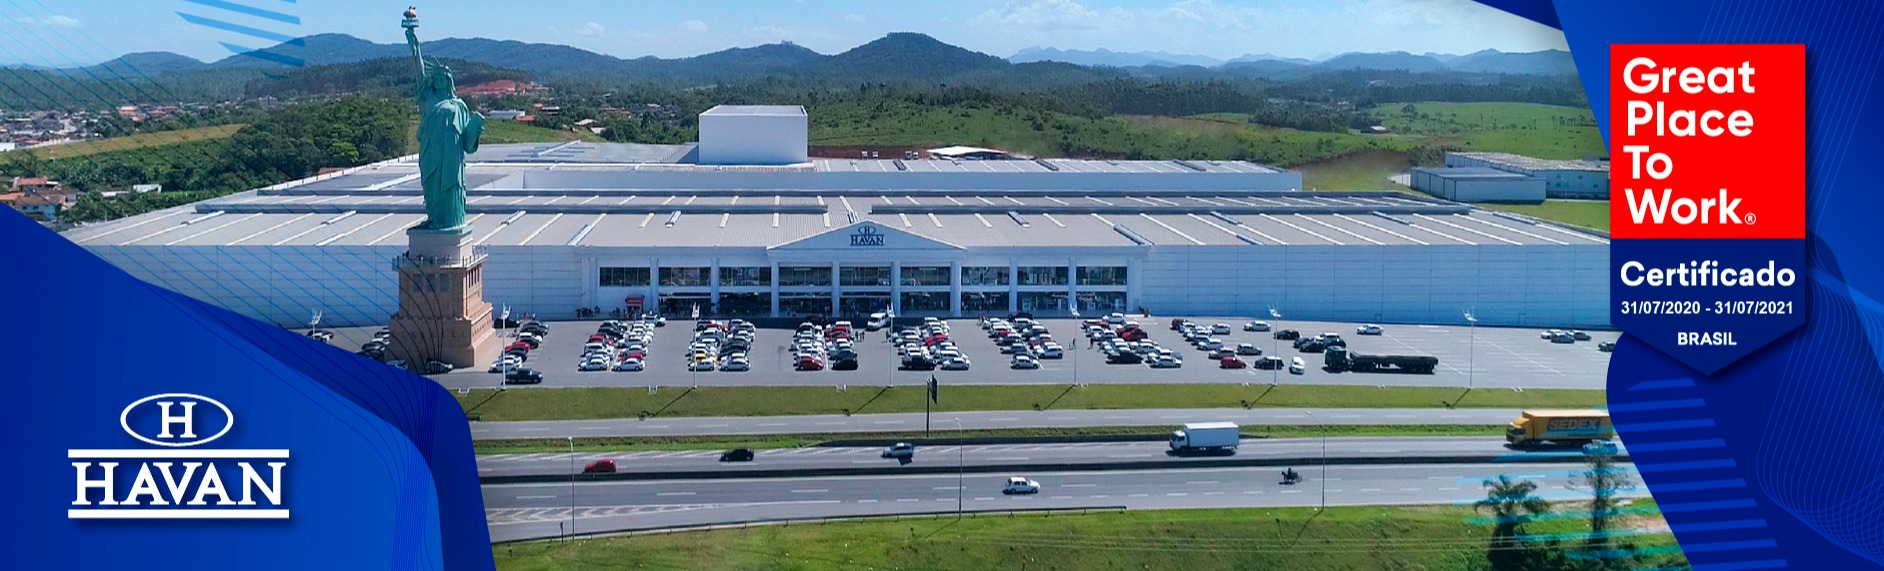 CDH - Centro de Distribuição Havan